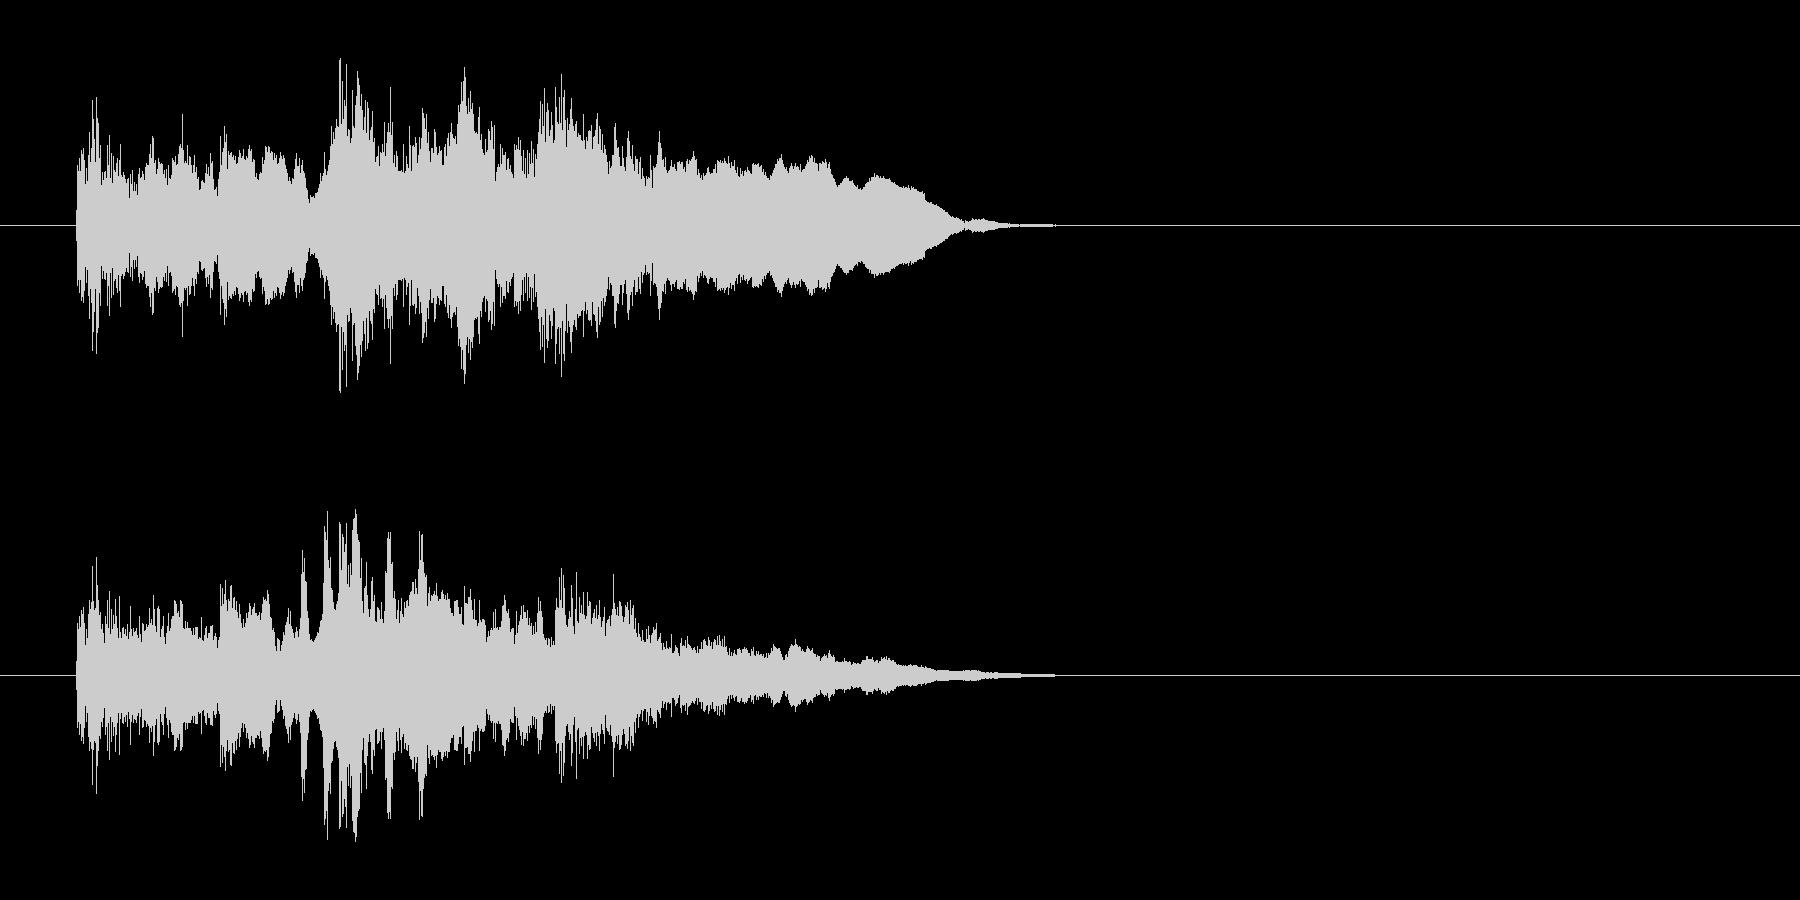 ジングル/アタック(アコースティック)の未再生の波形